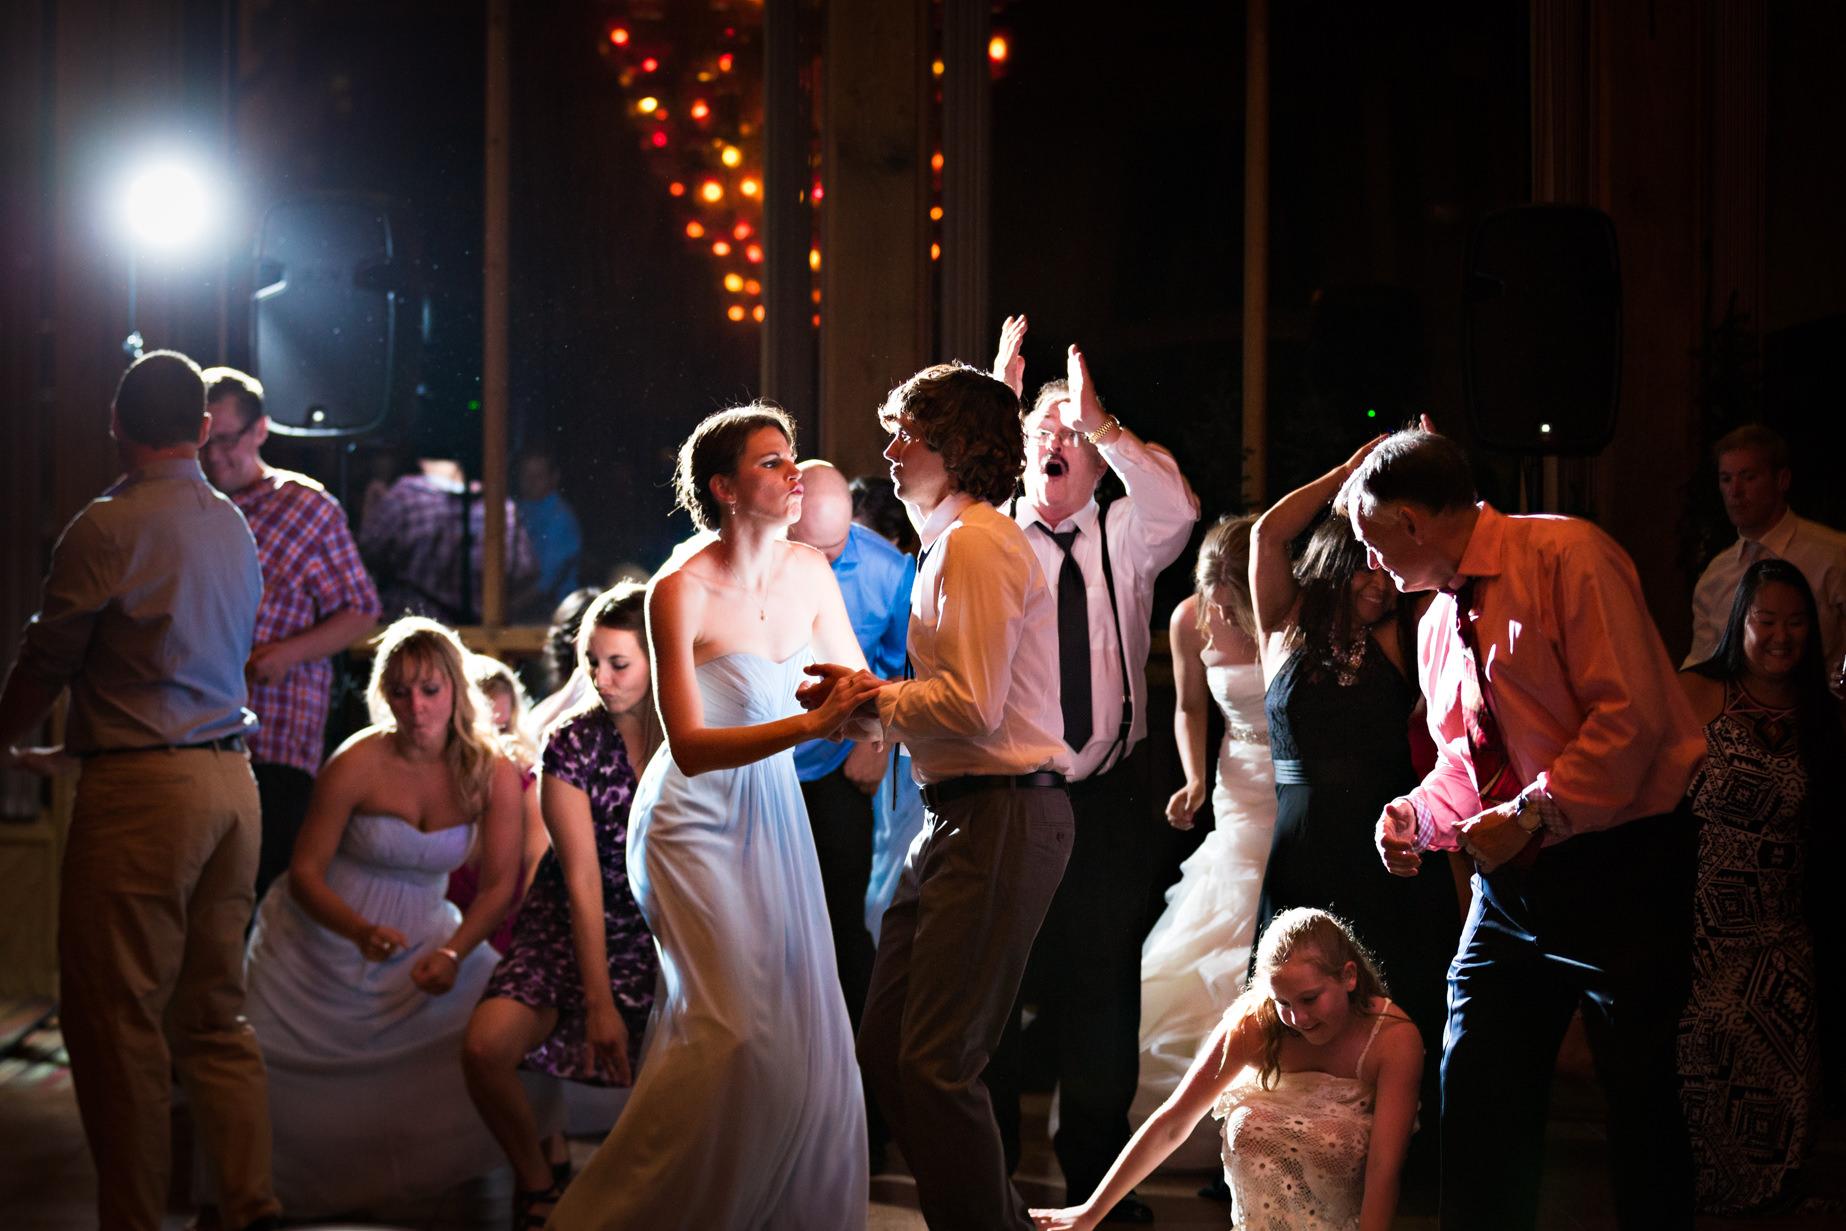 big-sky-resort-wedding-guest-couple-dancing.jpg